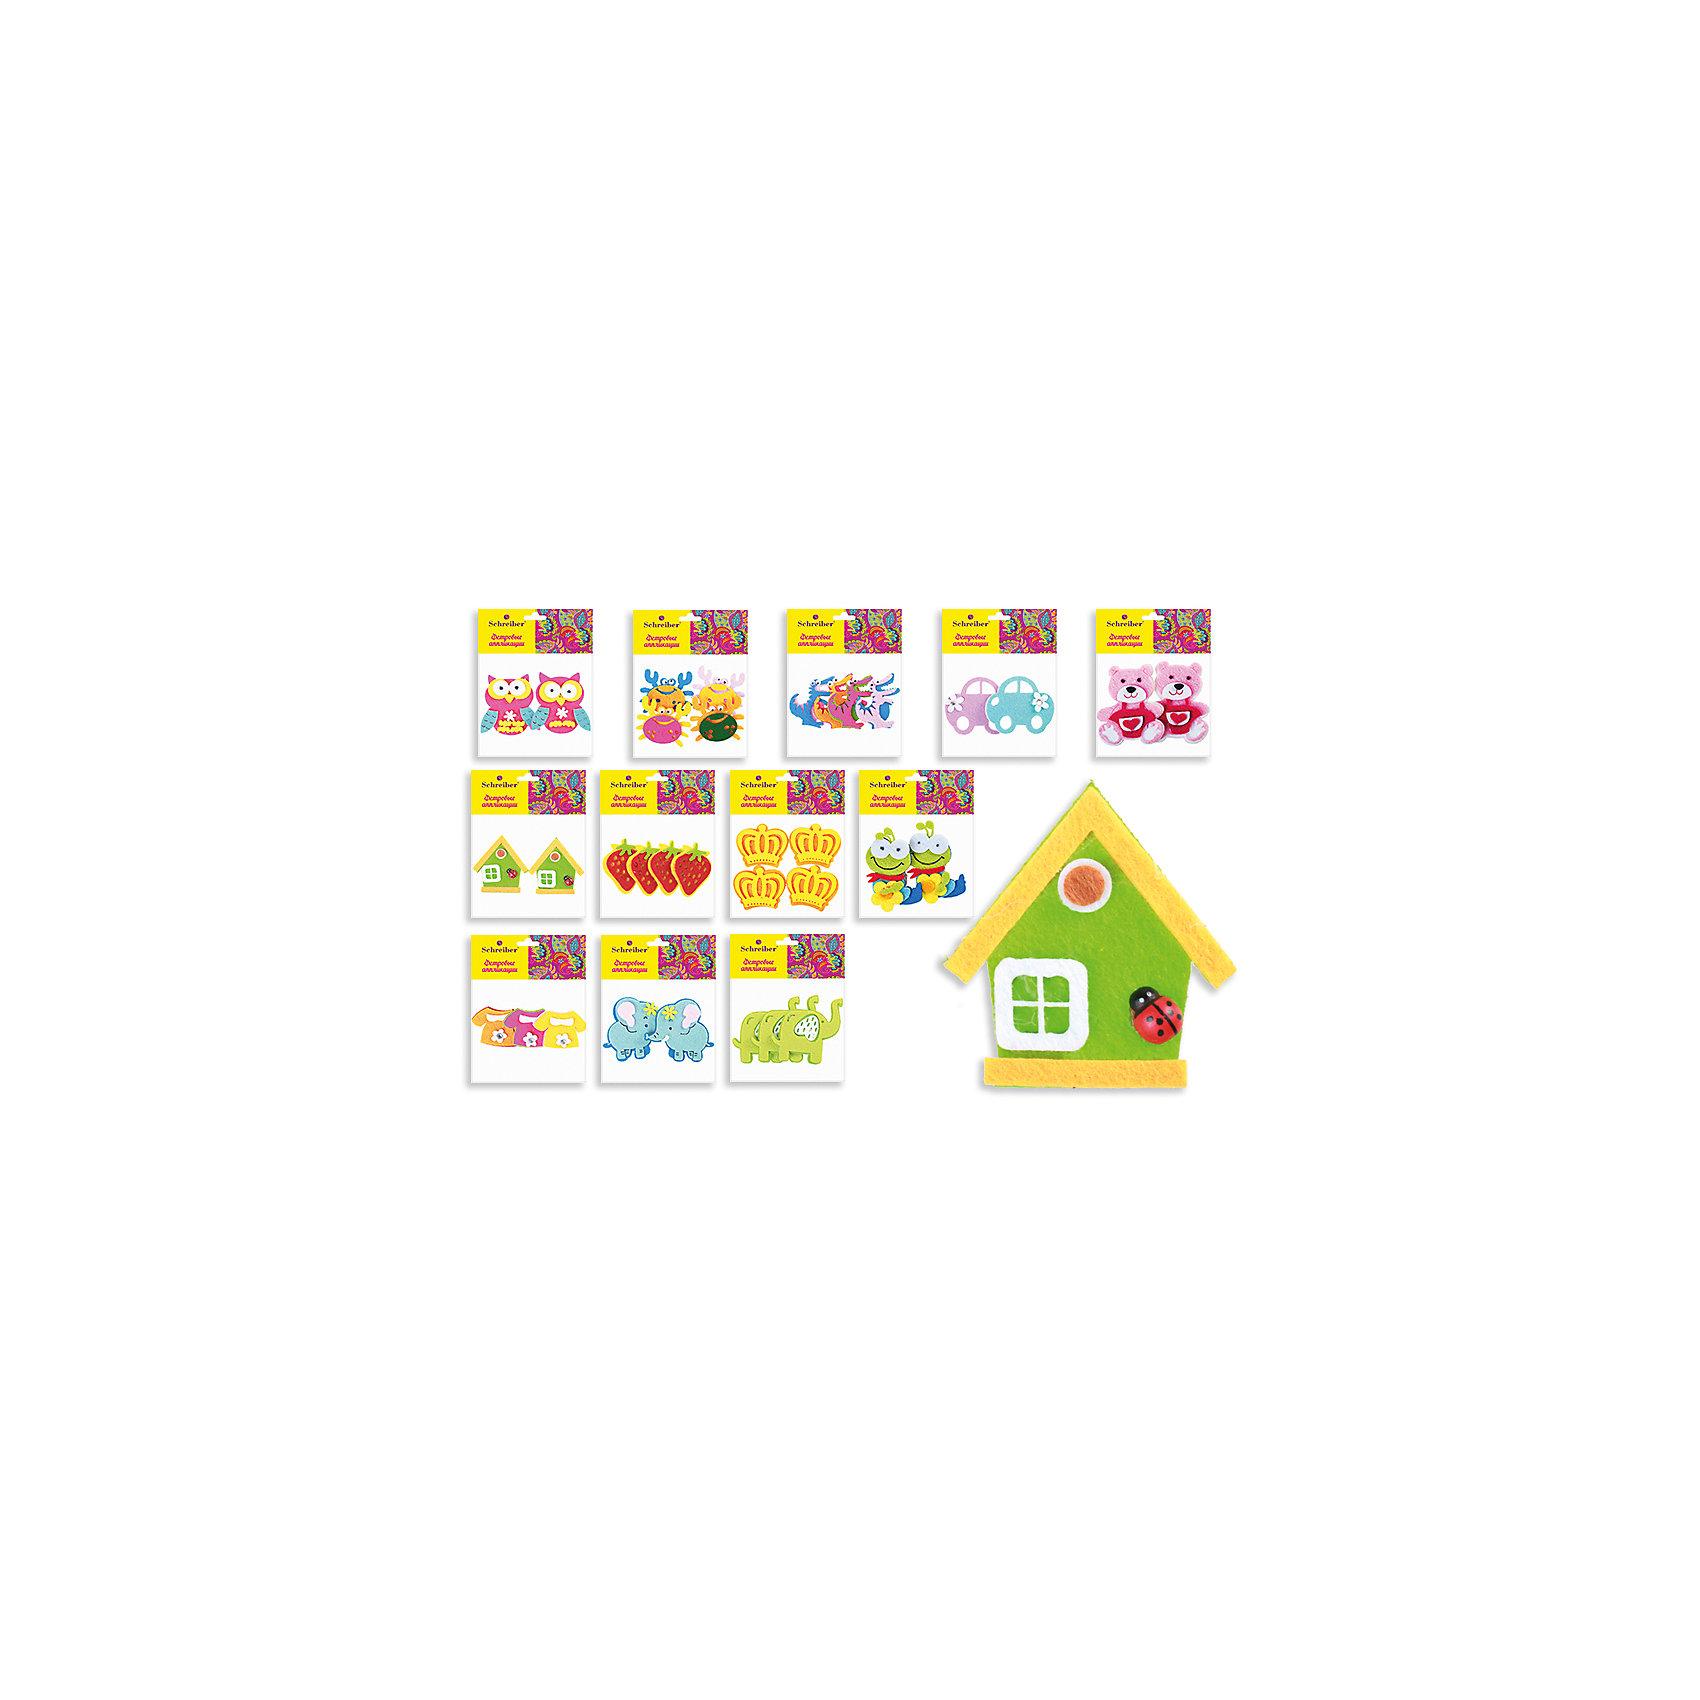 Фетровые аппликации 12*10 см (12 дизайнов в ассортименте)Фетровые аппликации 12*10 см (12 дизайнов в ассортименте) от известного торгового бренда канцелярских товаров и товаров для творчества TUKZAR. Набор включает в себя разноцветные заготовки животных, растений и других предметов для занятий аппликацией с детьми дошкольного и младшего школьного возраста. Комплектация позволяет создавать сюжетные картинки. Кроме того, данные заготовки можно использовать в качестве меток для детской одежды.<br>Фетровые аппликации 12*10 см (12 дизайнов в ассортименте) способствуют развитию у ребенка внимания, усидчивости, воображения и фантазии.<br><br>Дополнительная информация:<br><br>- Предназначение: для аппликаций<br>- Материал: фетр<br>- Комплектация: 12 дизайнов (слоники, совушки, крабики, машинки, домики, медвежата, ягодки и др.)<br>- Размеры упаковки (Д*В): 10*12 см<br>- Упаковка: полиэтилен<br><br>Подробнее:<br><br>• Для детей в возрасте: от 3 лет <br>• Страна производитель: Китай<br>• Торговый бренд: TUKZAR<br><br>Фетровые аппликации 12*10 см (12 дизайнов в ассортименте) можно купить в нашем интернет-магазине.<br><br>Ширина мм: 120<br>Глубина мм: 100<br>Высота мм: 10<br>Вес г: 50<br>Возраст от месяцев: 36<br>Возраст до месяцев: 72<br>Пол: Унисекс<br>Возраст: Детский<br>SKU: 5001408